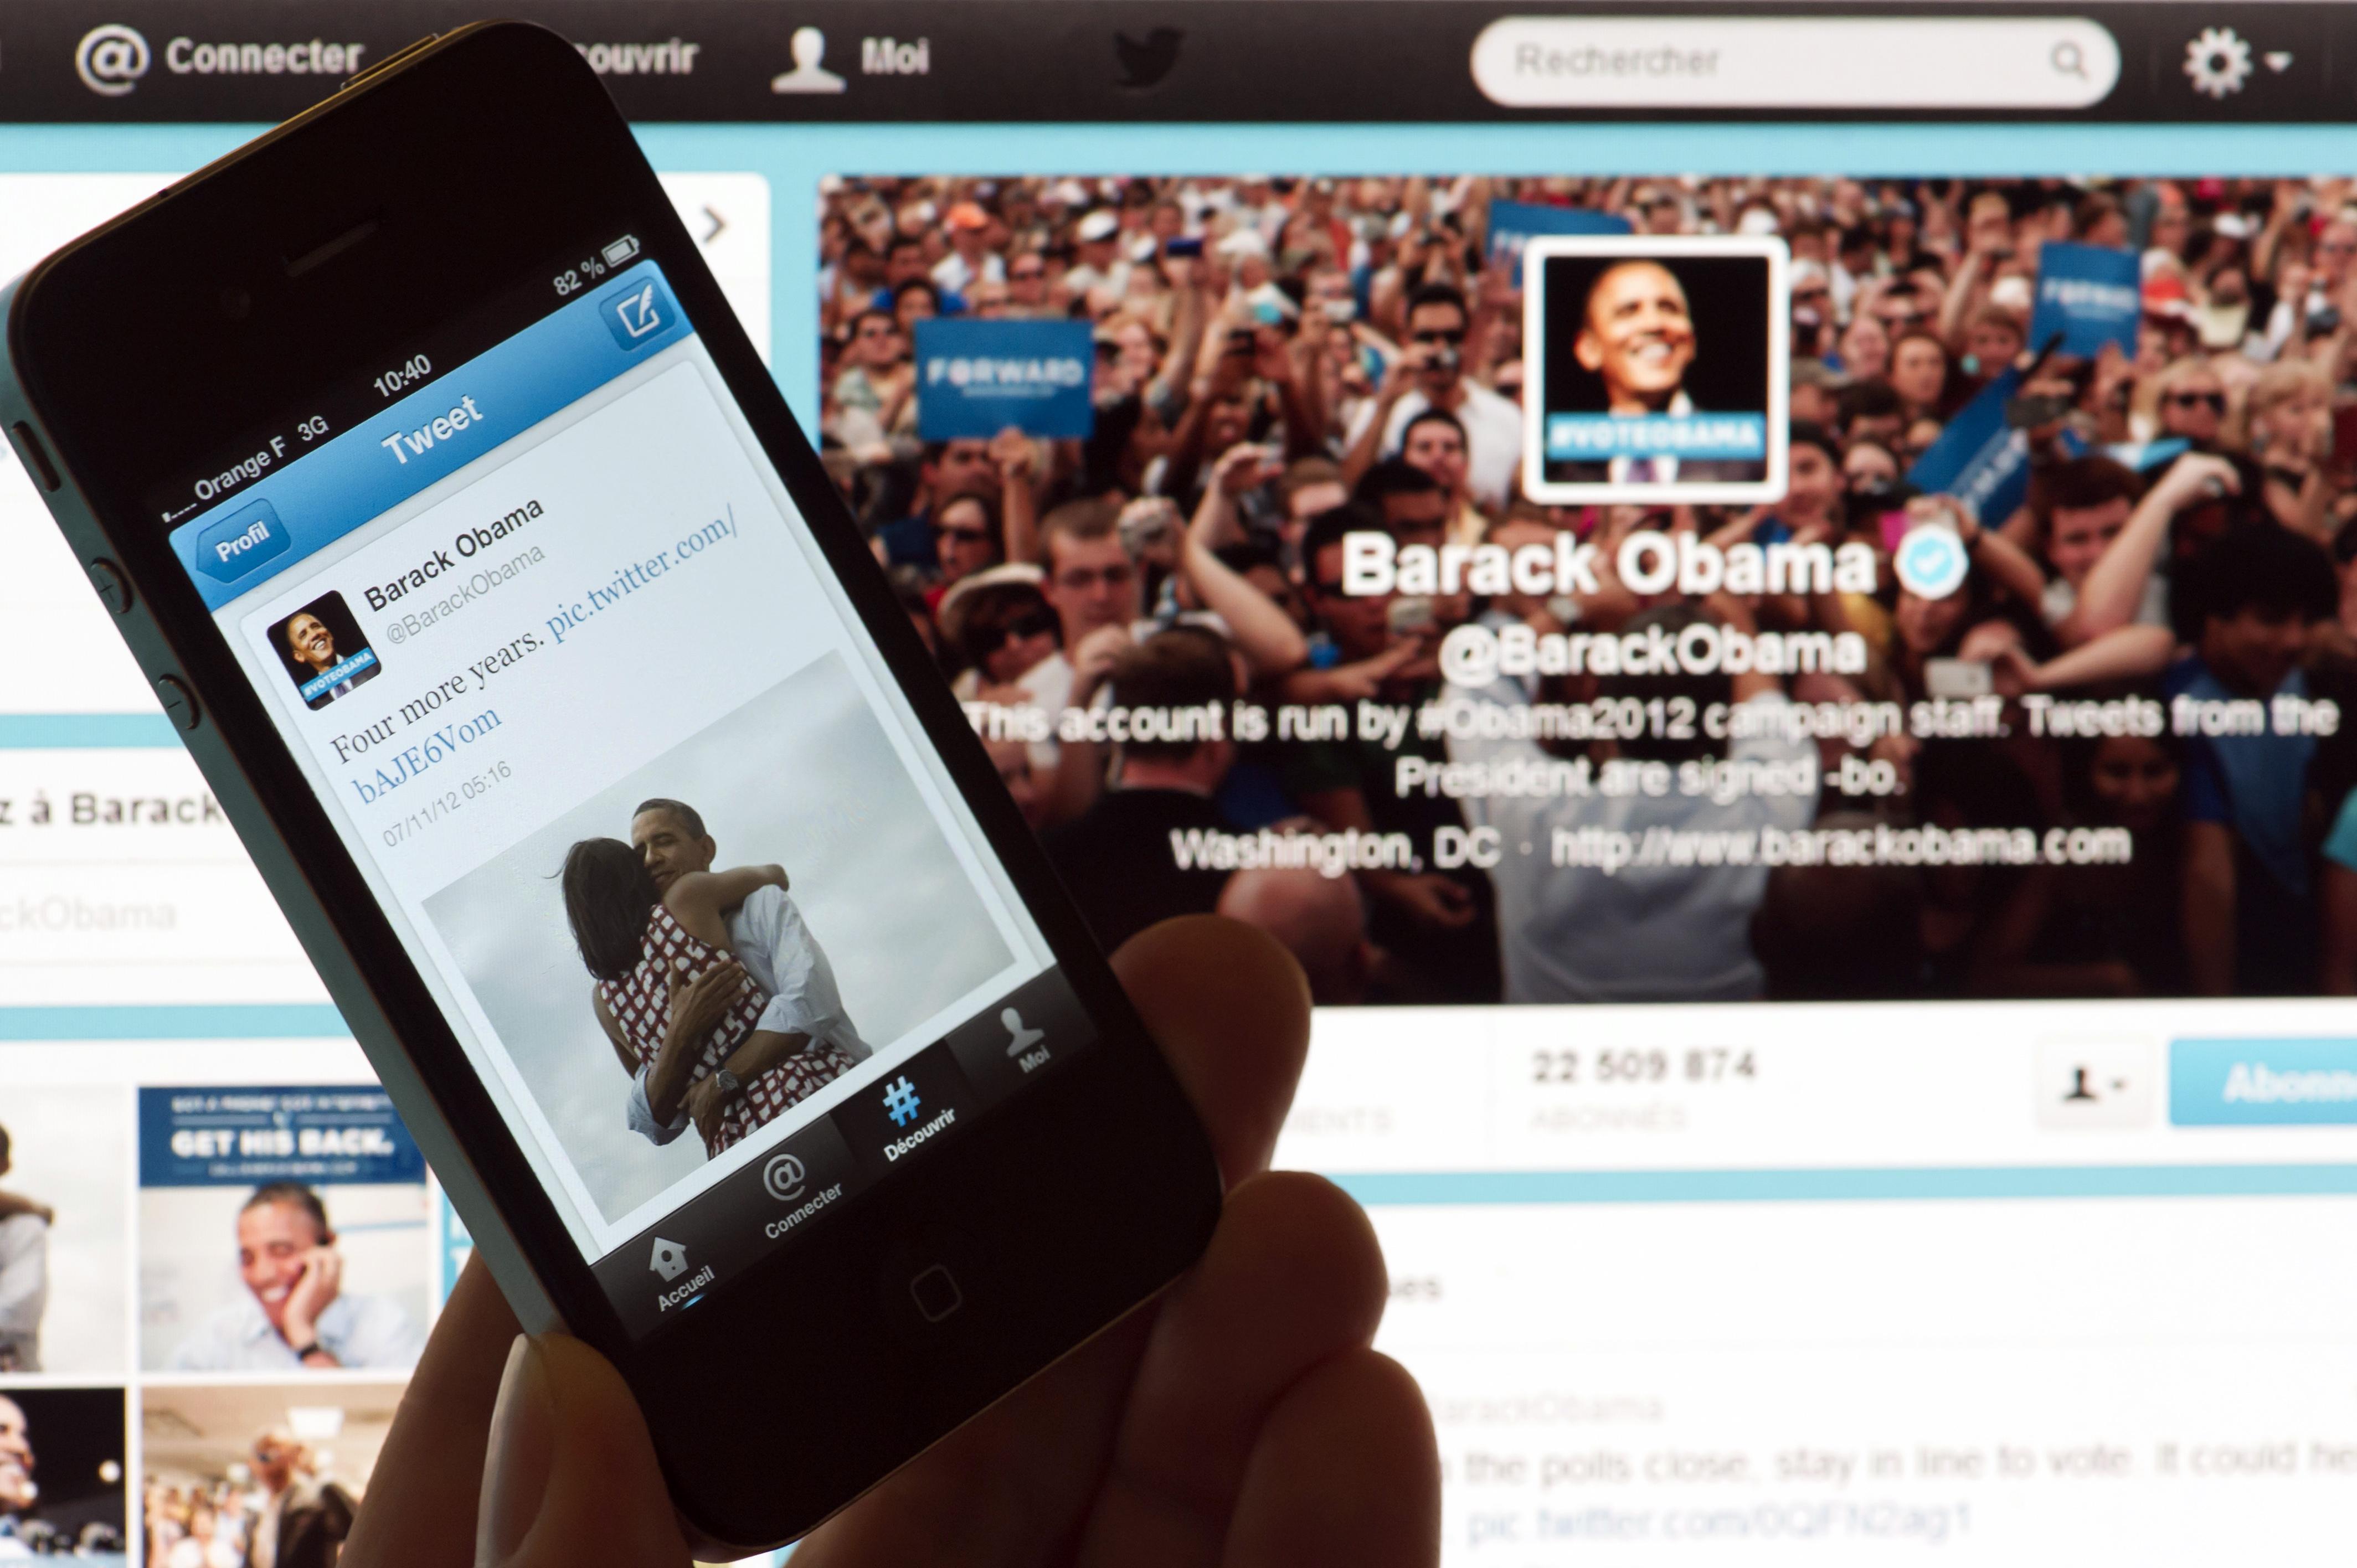 Entre humanos y robots: cómo las redes sociales están influenciando la campaña presidencial | Noticias Univision Política | Univision